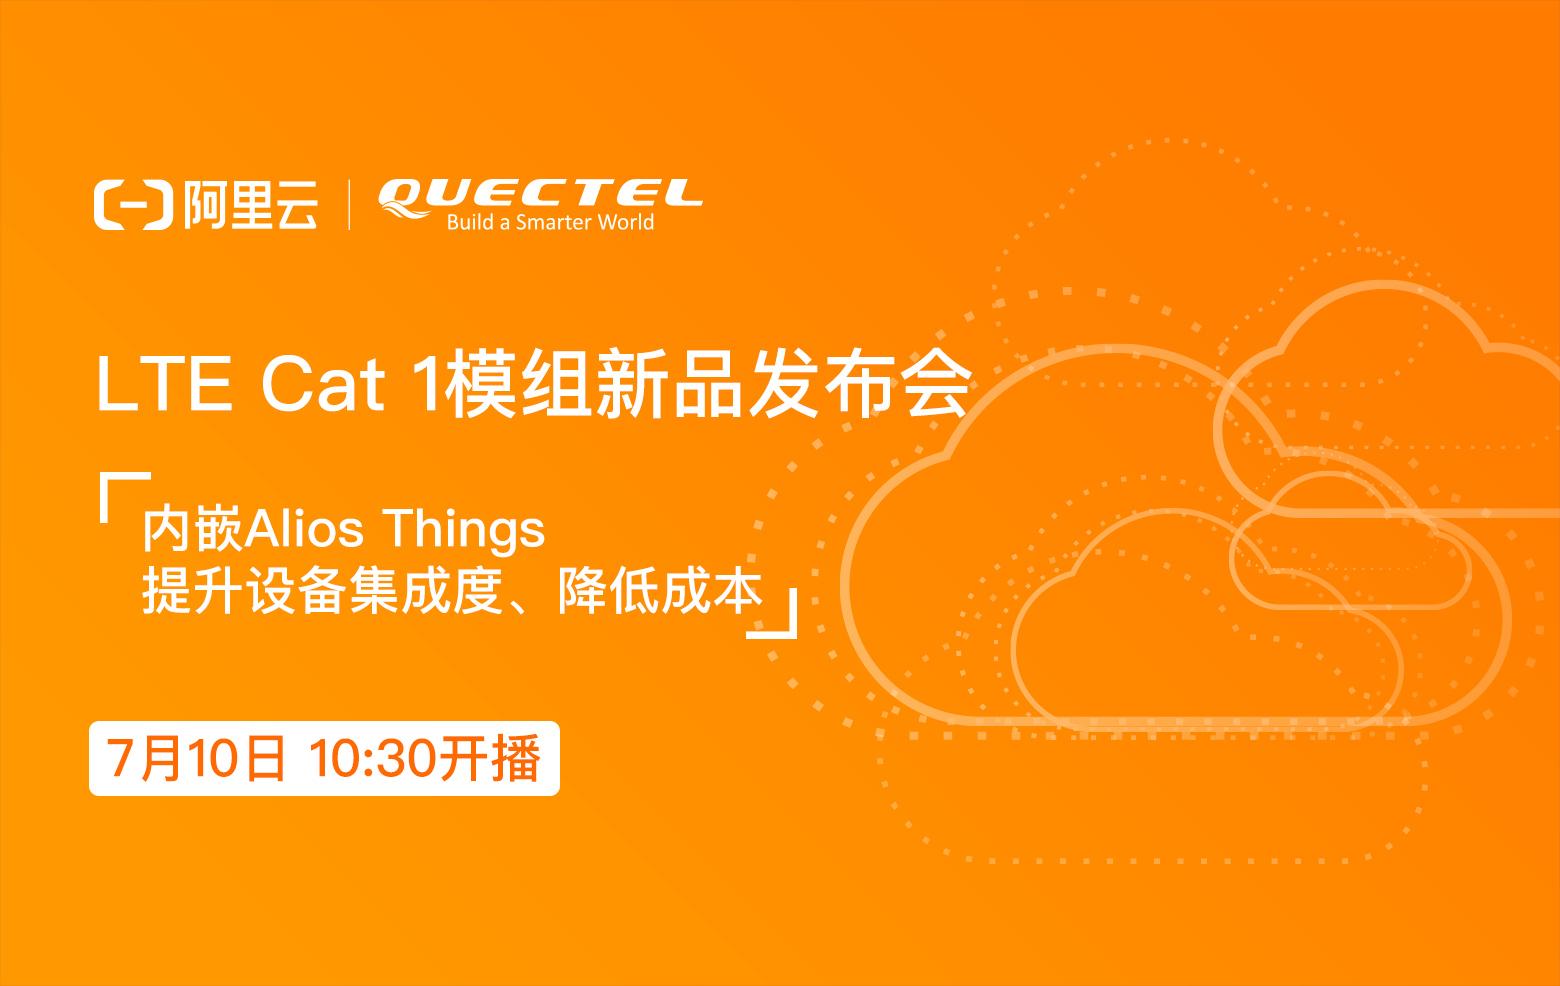 阿里云 & 移远通信 Cat 1新品发布会